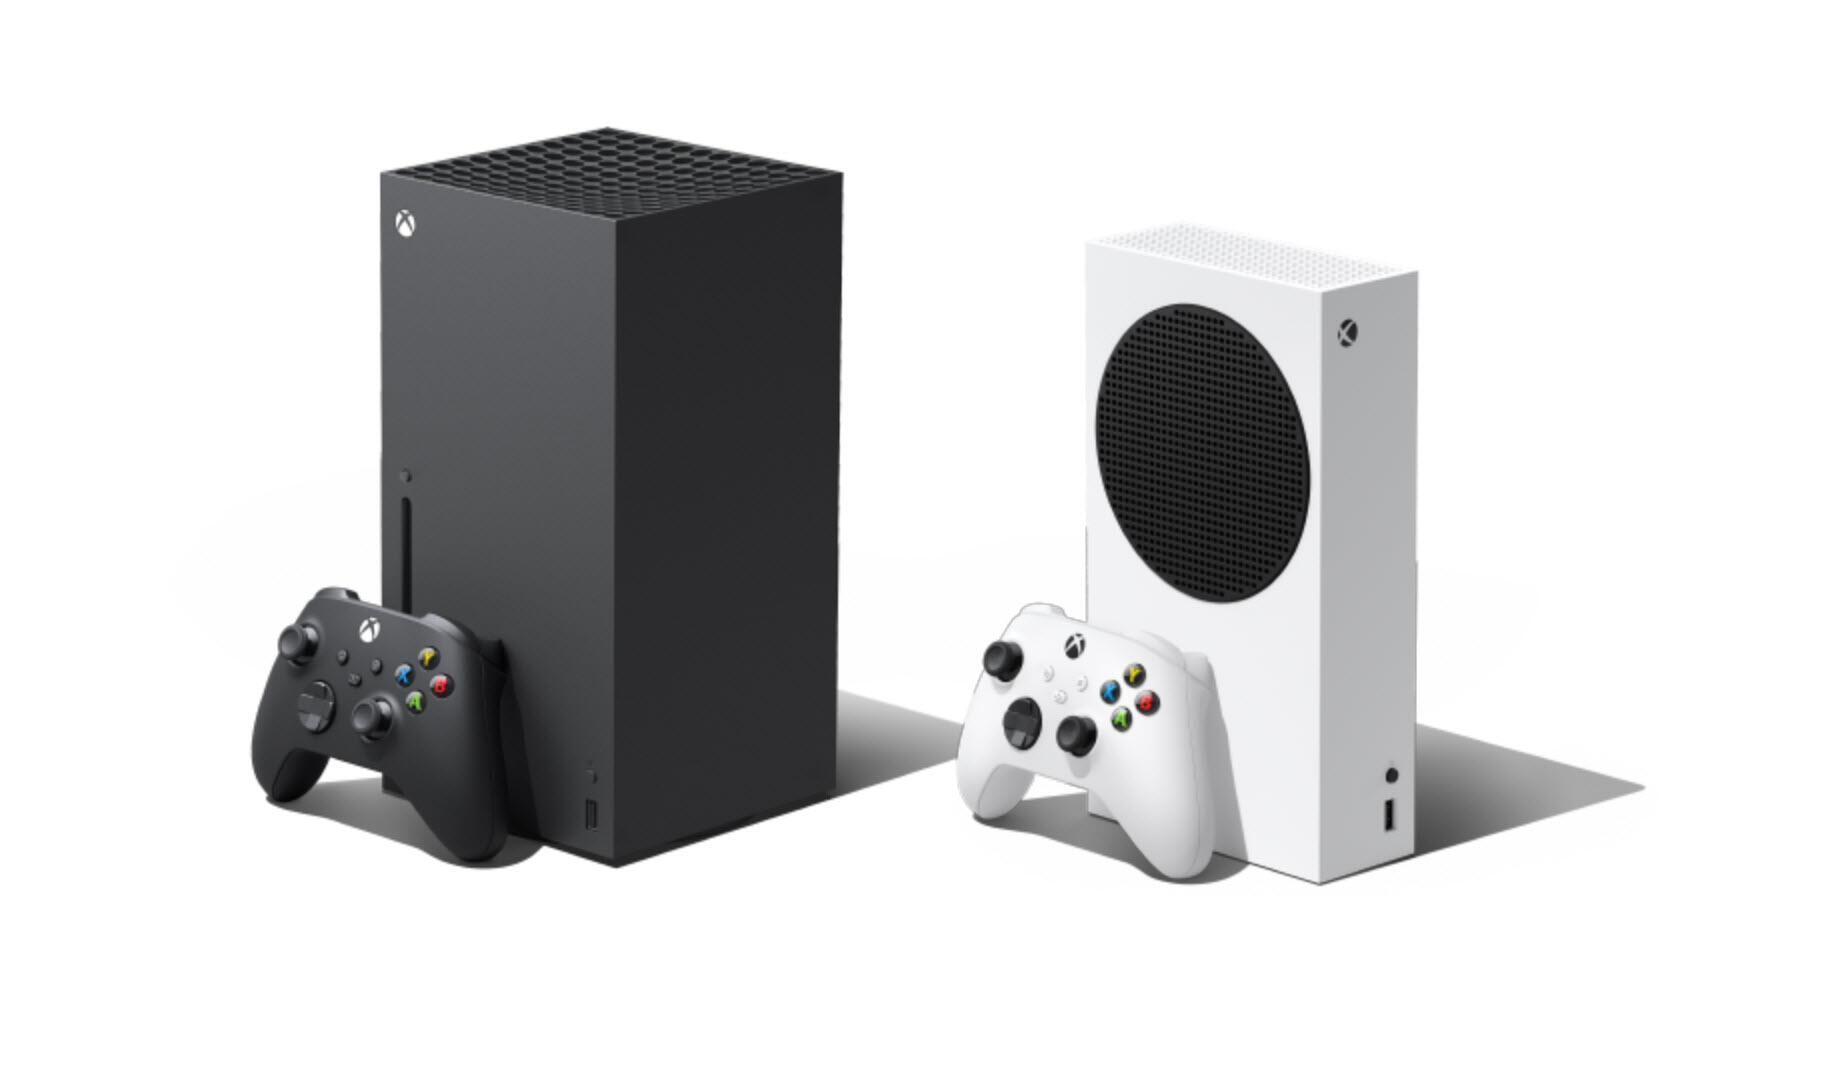 Xbox Series X ve S Türkiye'ye geldi: Özellikleri nasıl? - Teknoloji  Haberleri